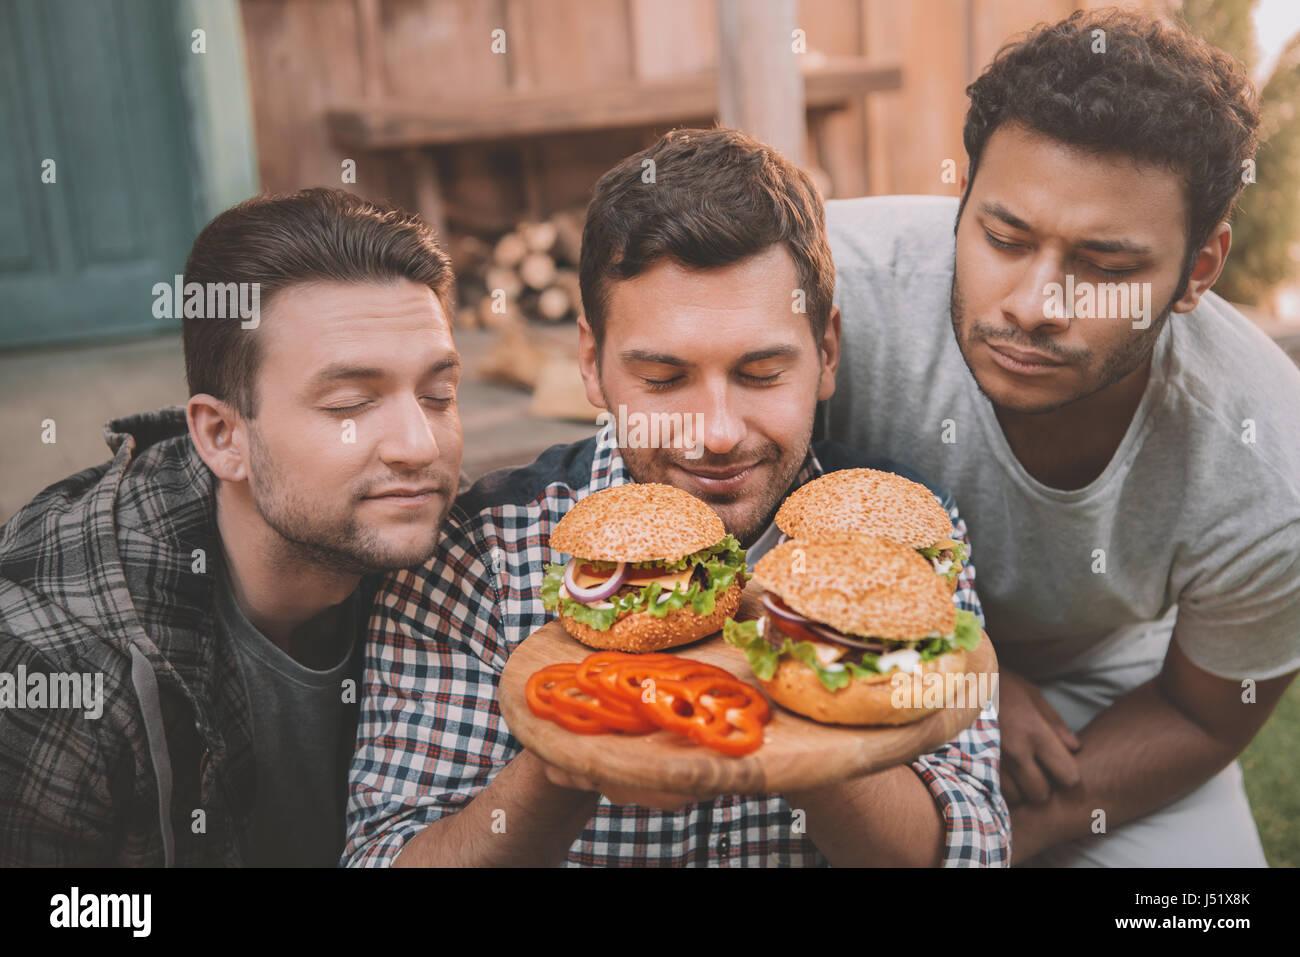 Drei junge Männer mit geschlossenen Augen frische hausgemachte Hamburger schnüffeln Stockbild